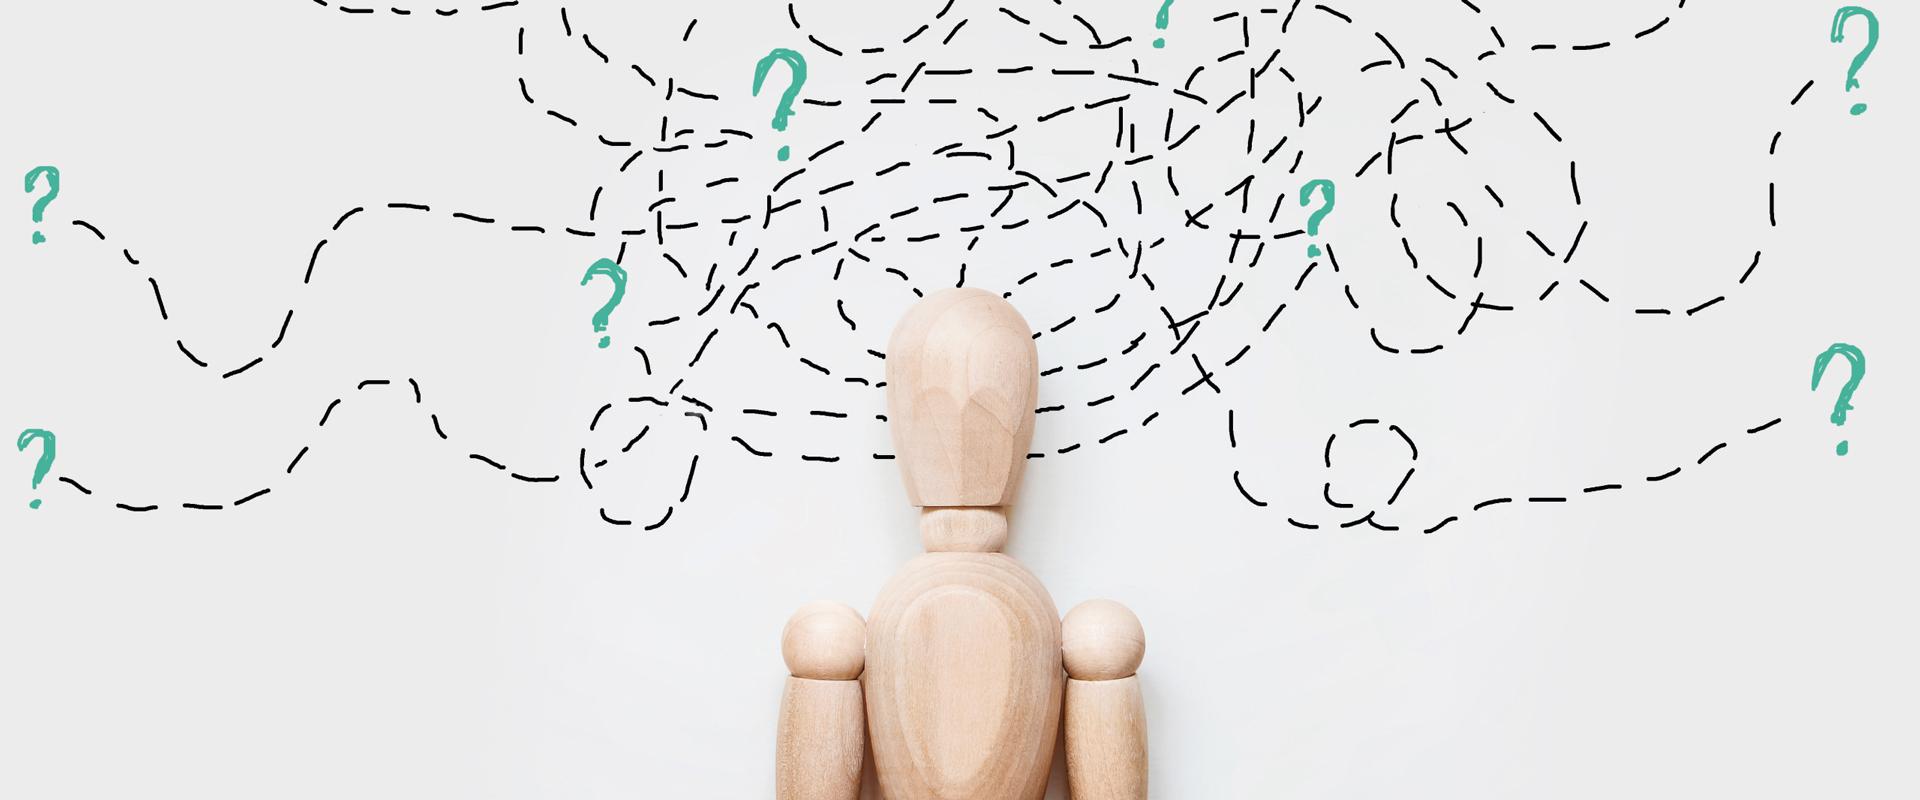 Grafische Darstellung mit Fragezeichen um den Kopf